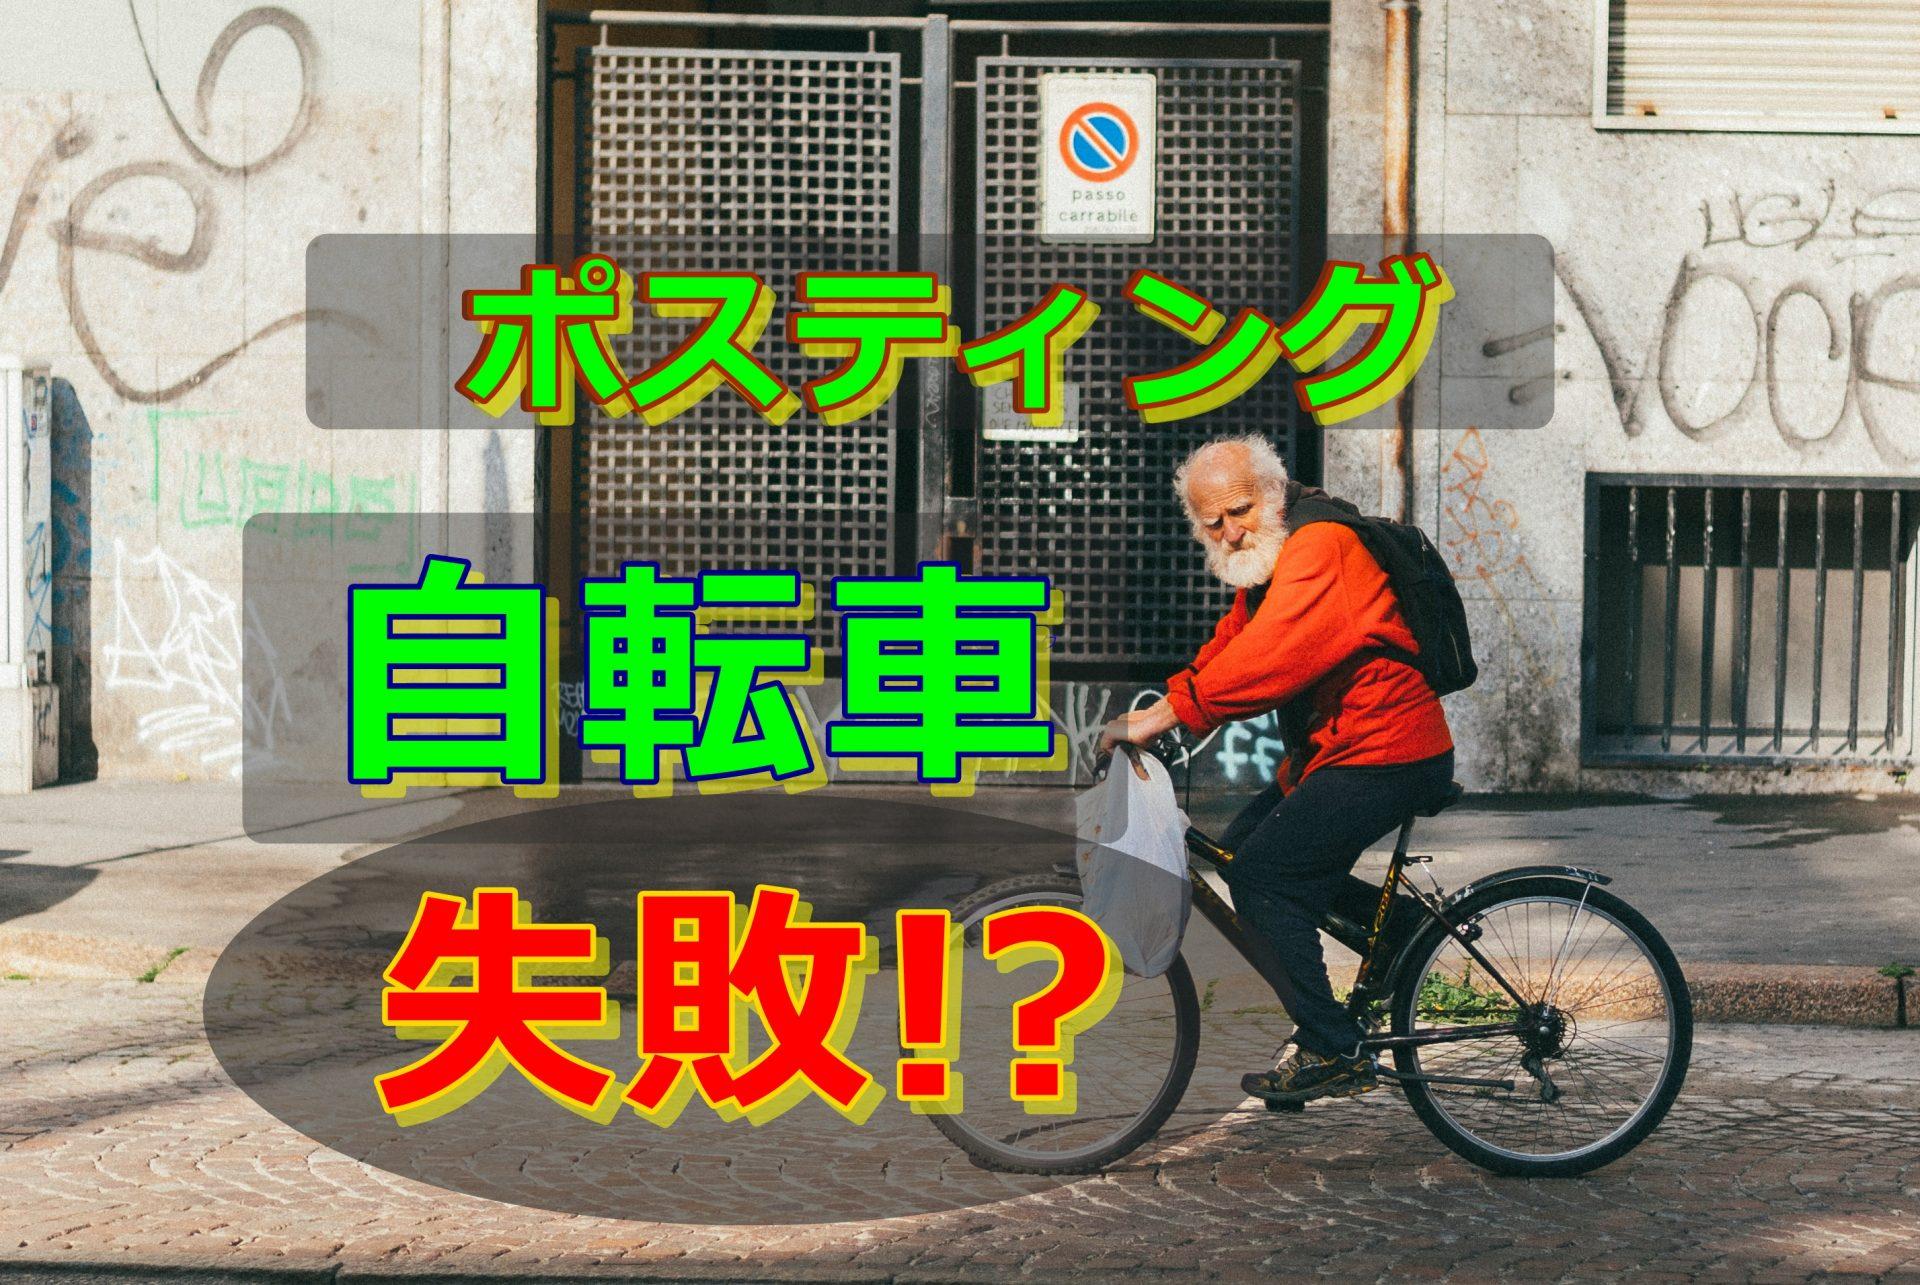 ポスティングするなら自転車は失敗する!ダメな理由を解説します。